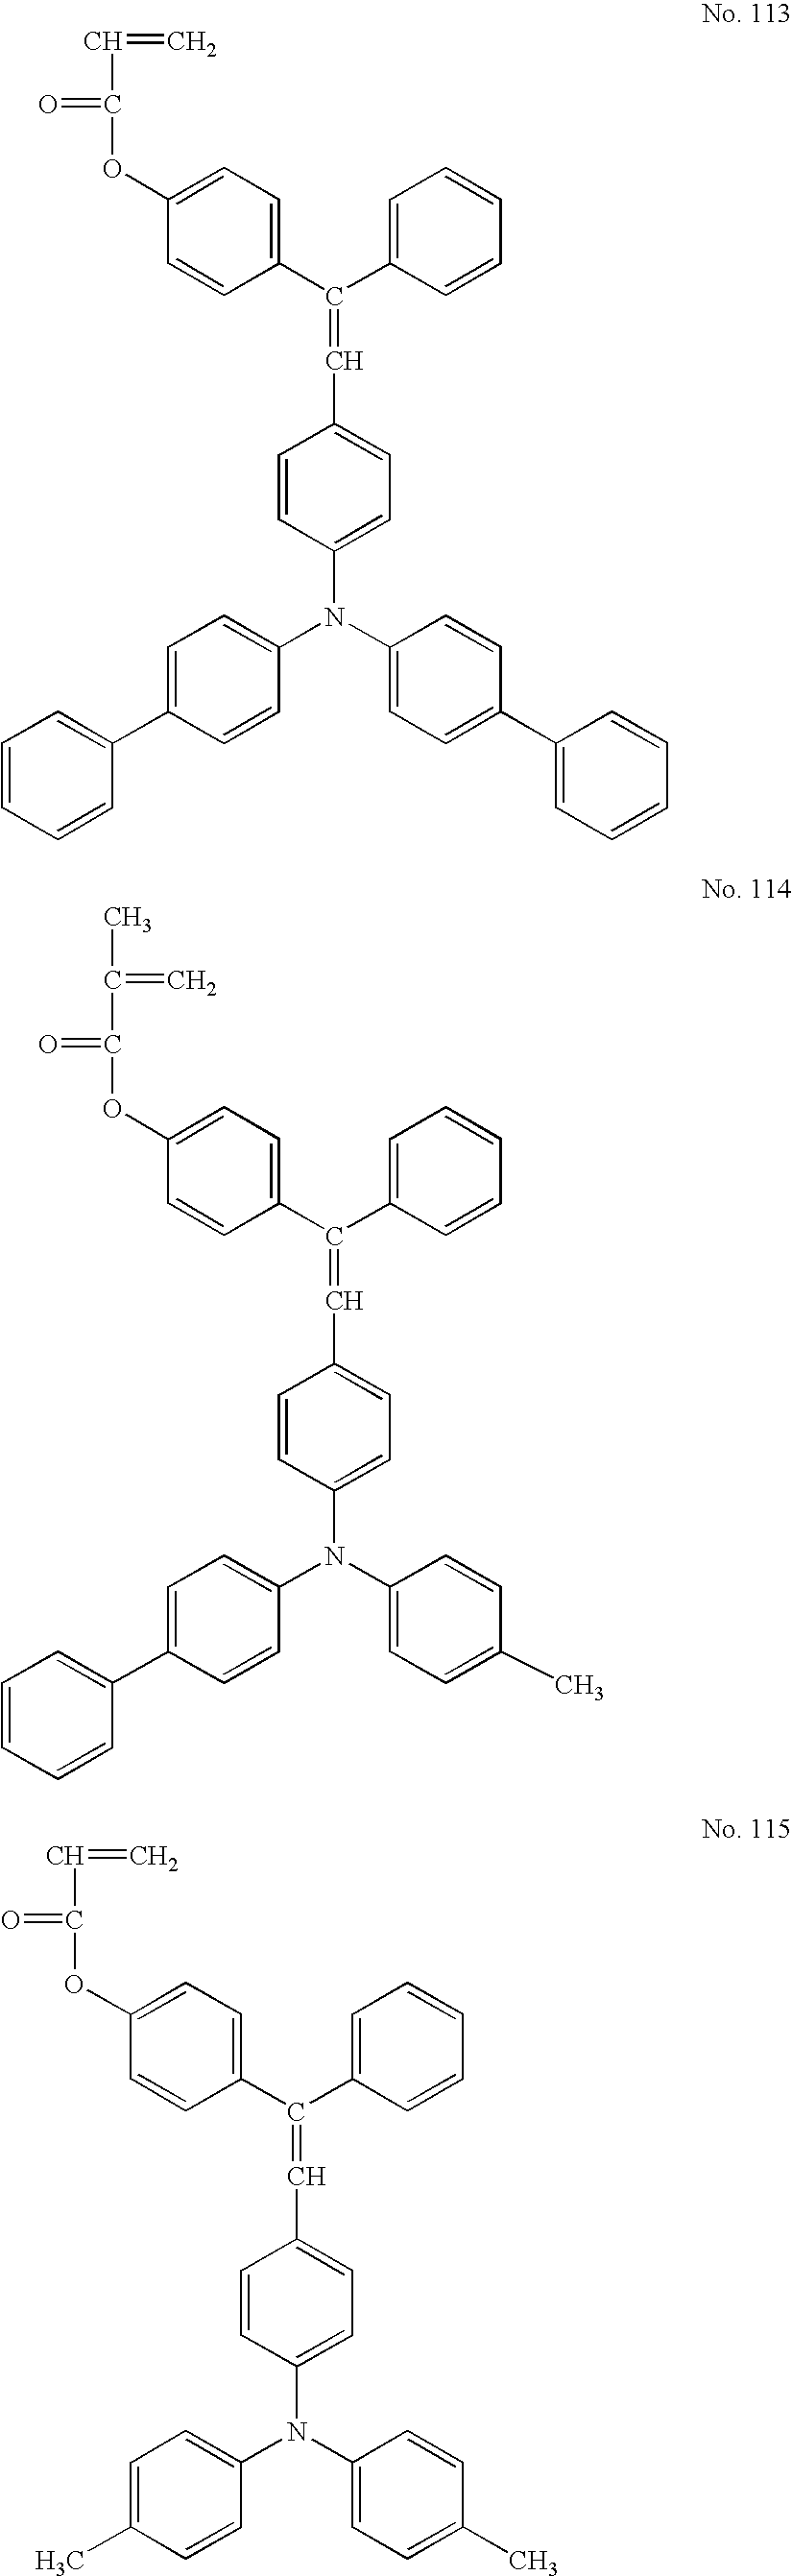 Figure US07824830-20101102-C00055